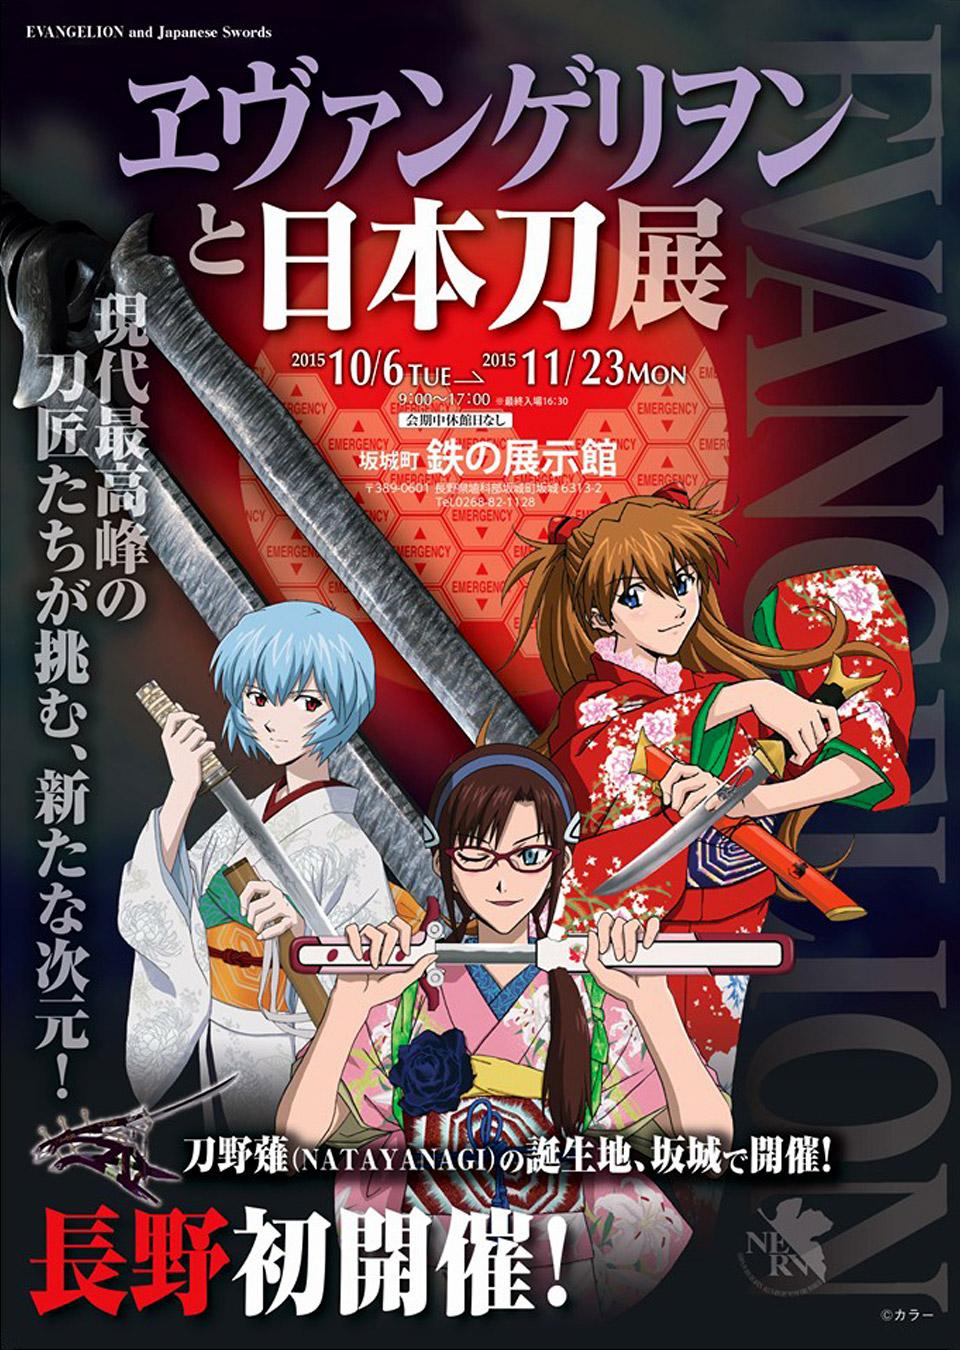 ヱヴァンゲリヲンと日本刀展 in 坂城